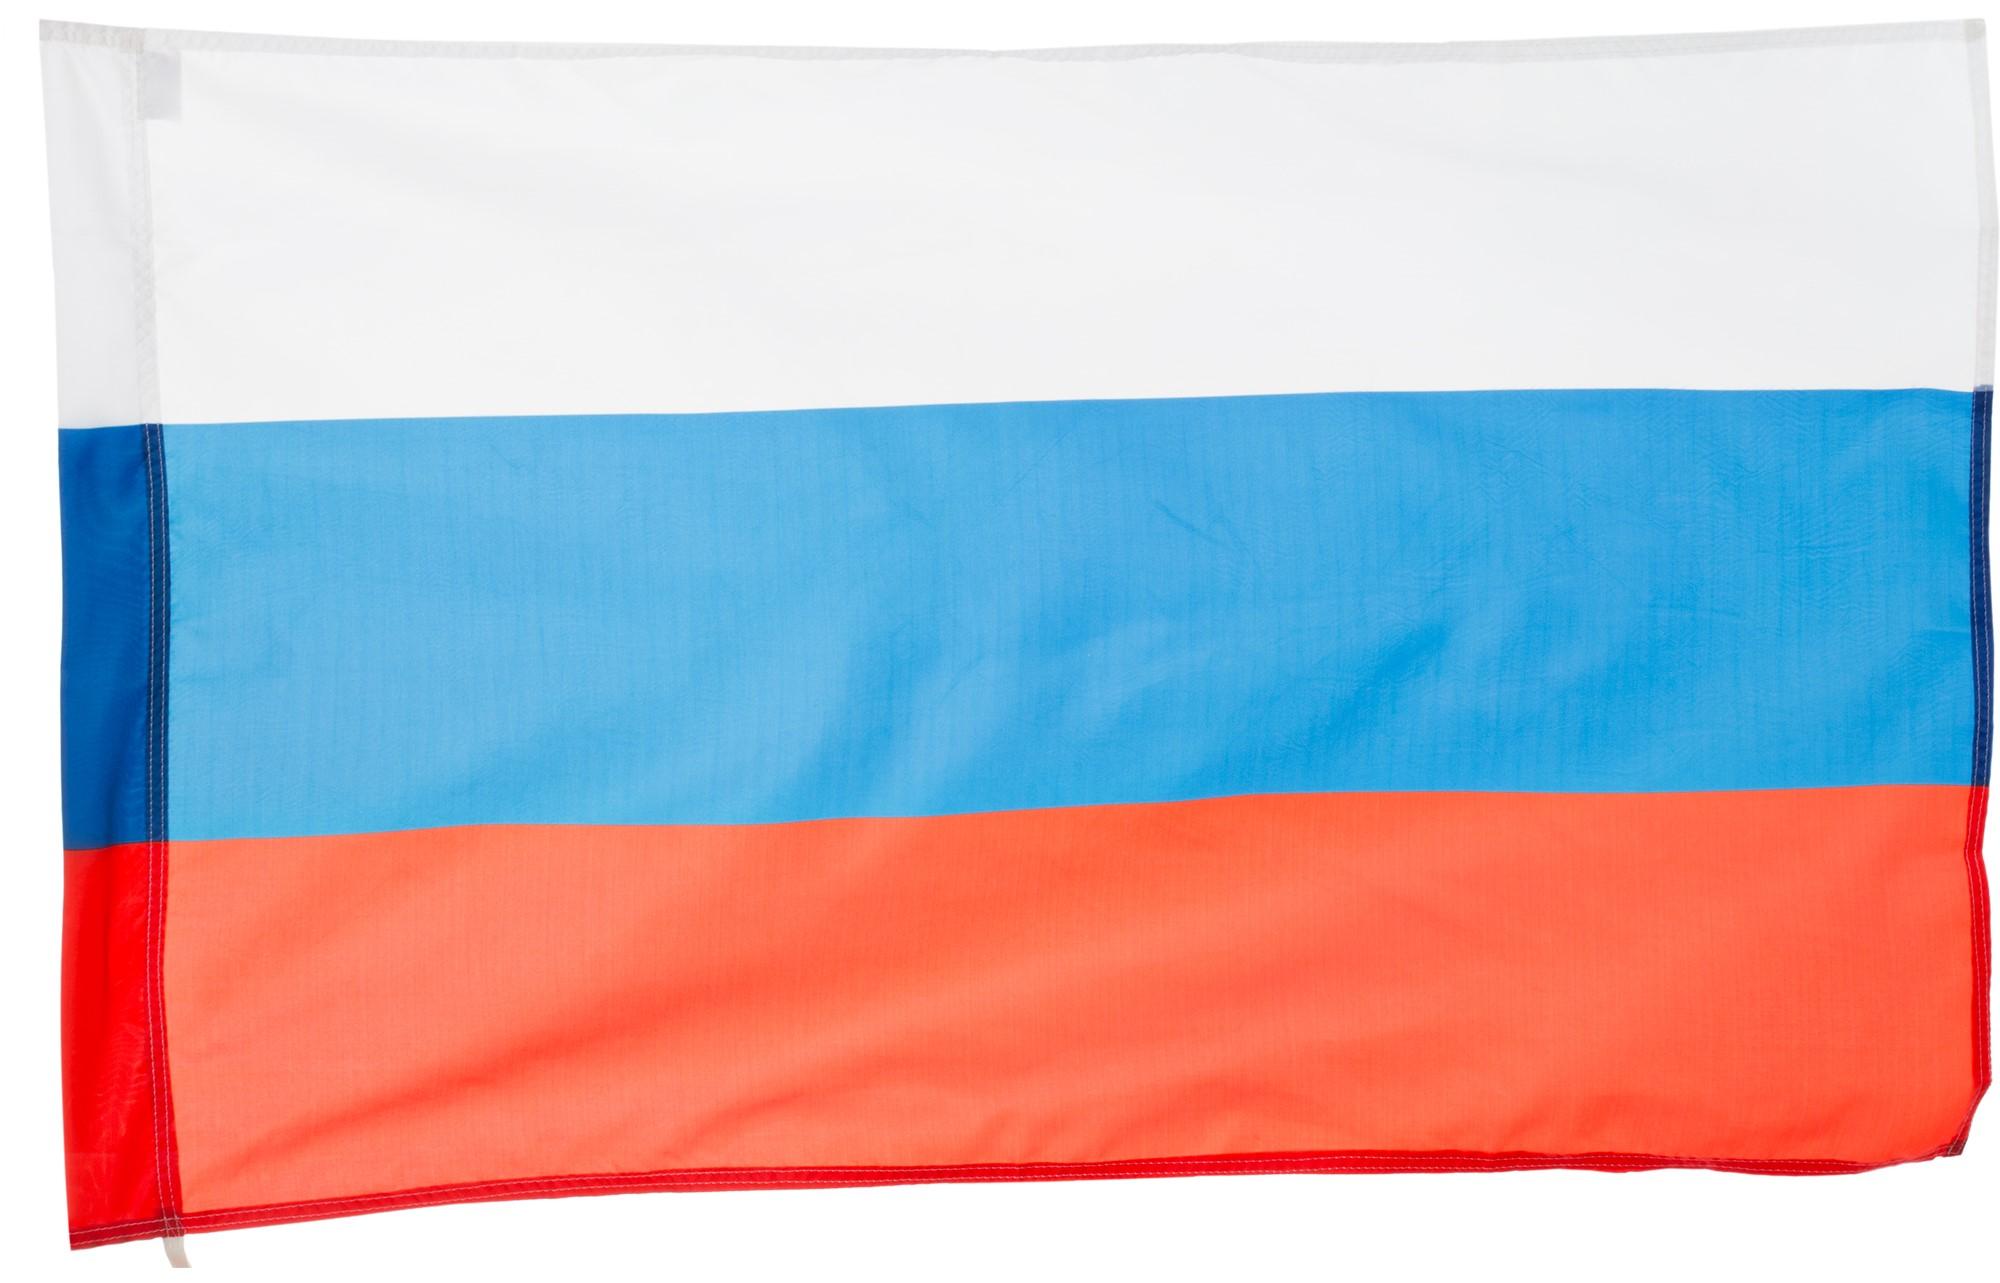 Мегафлаг Флаг России Мегафлаг флаг ratel вмф россии односторонний 90 х 135 см